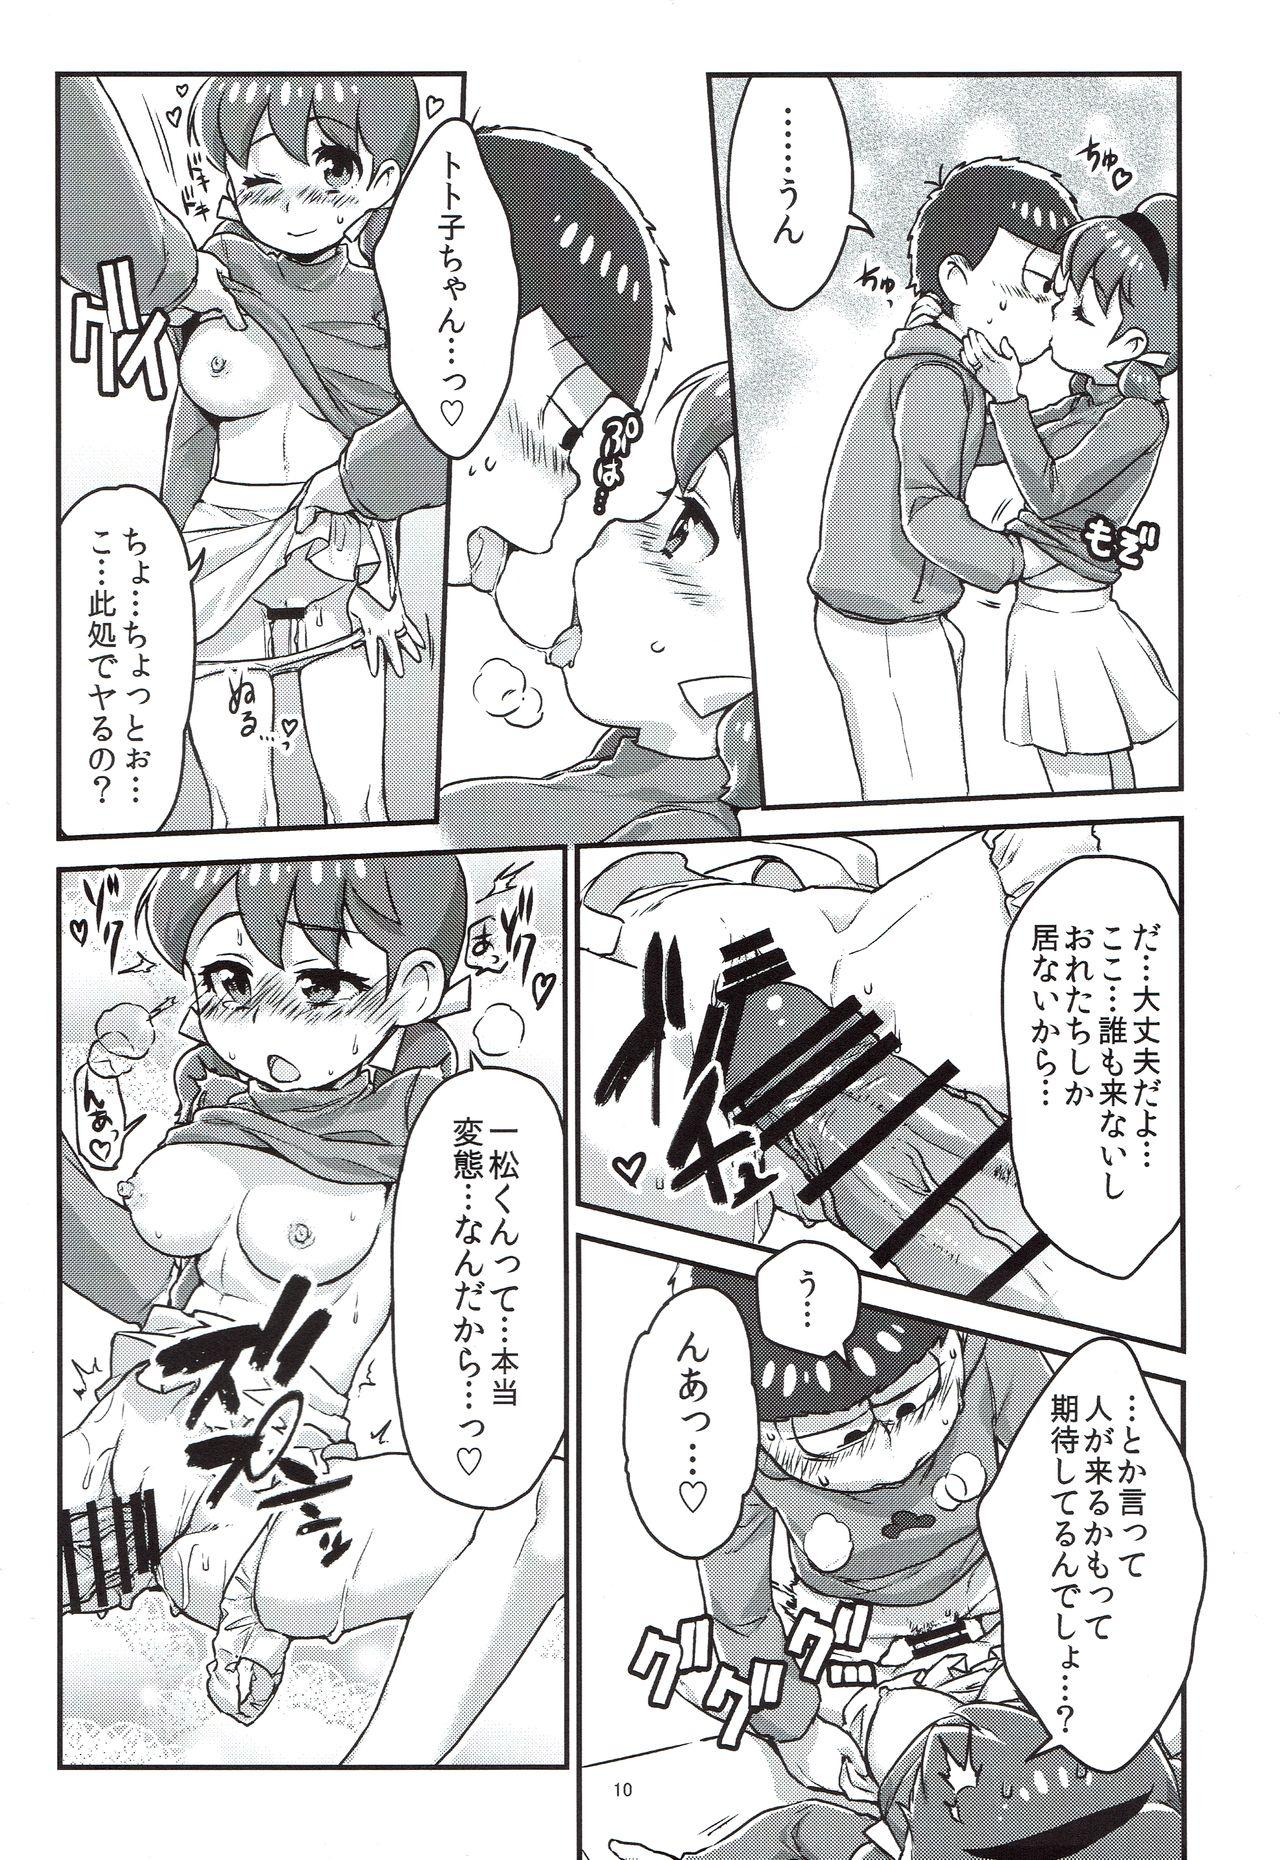 Mutsugo to Totoko-chan no Juukon Seikatsu 10